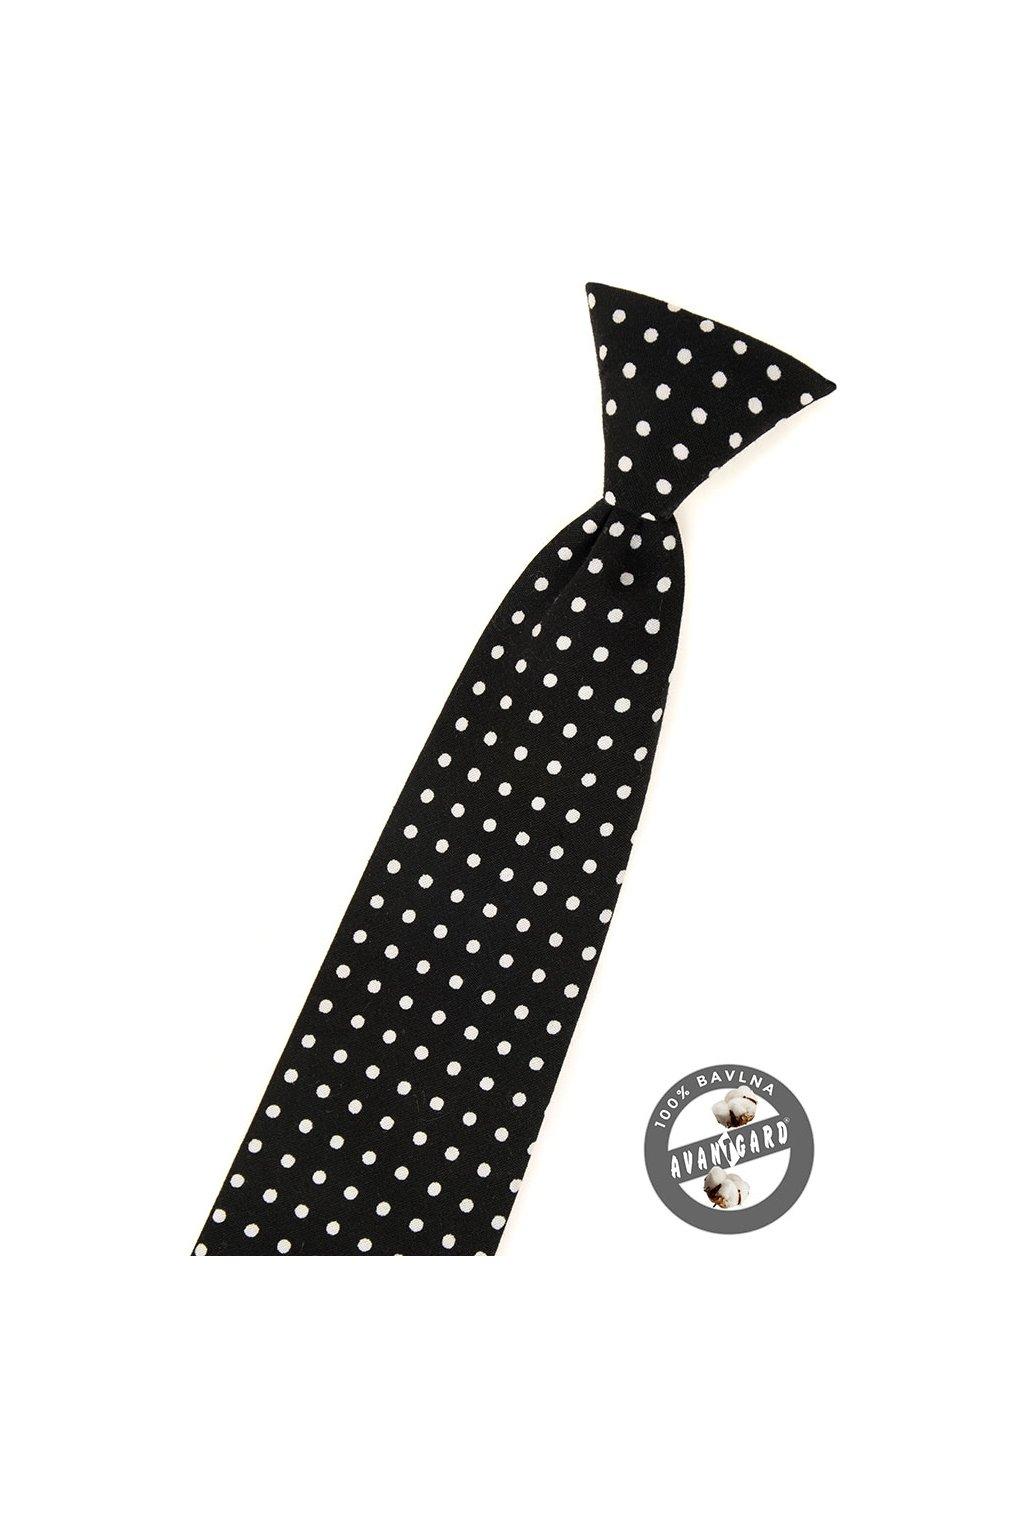 Chlapecká kravata černá s bílým puntíkem 558 - 5120